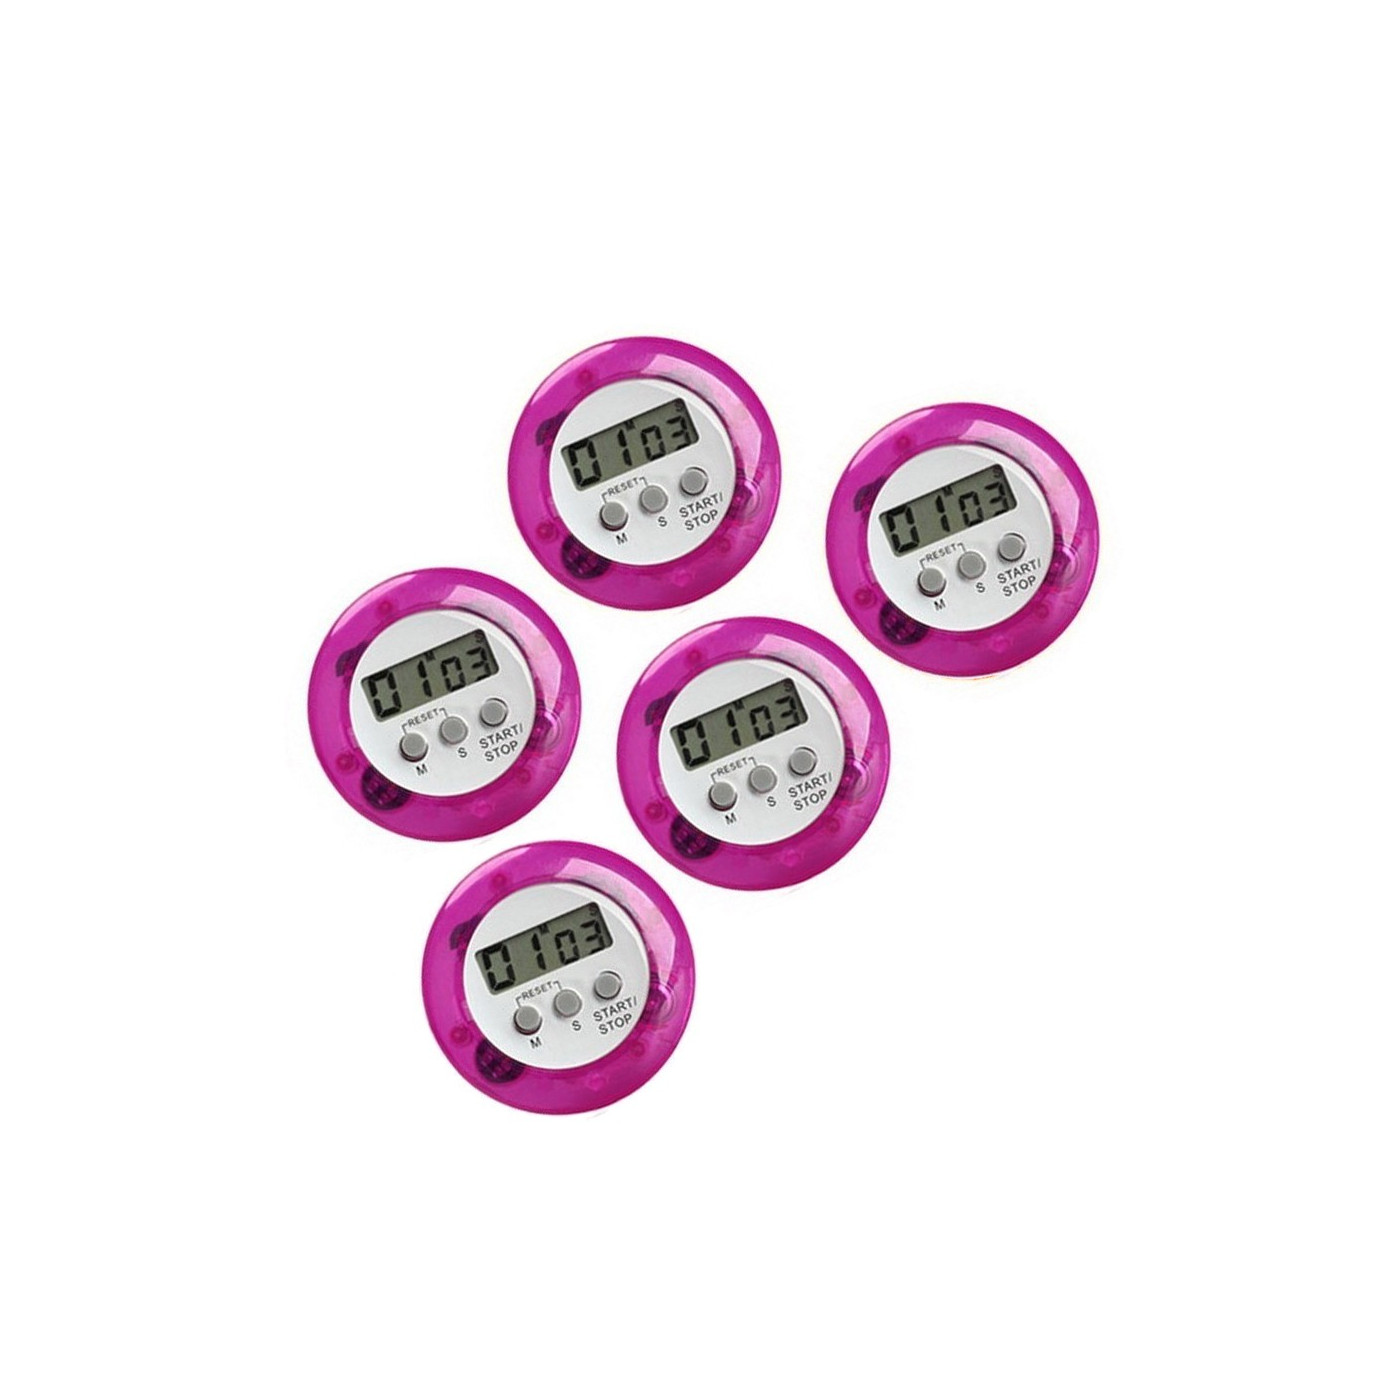 Set von 5 digitalen Küchentimern, Weckern, lila